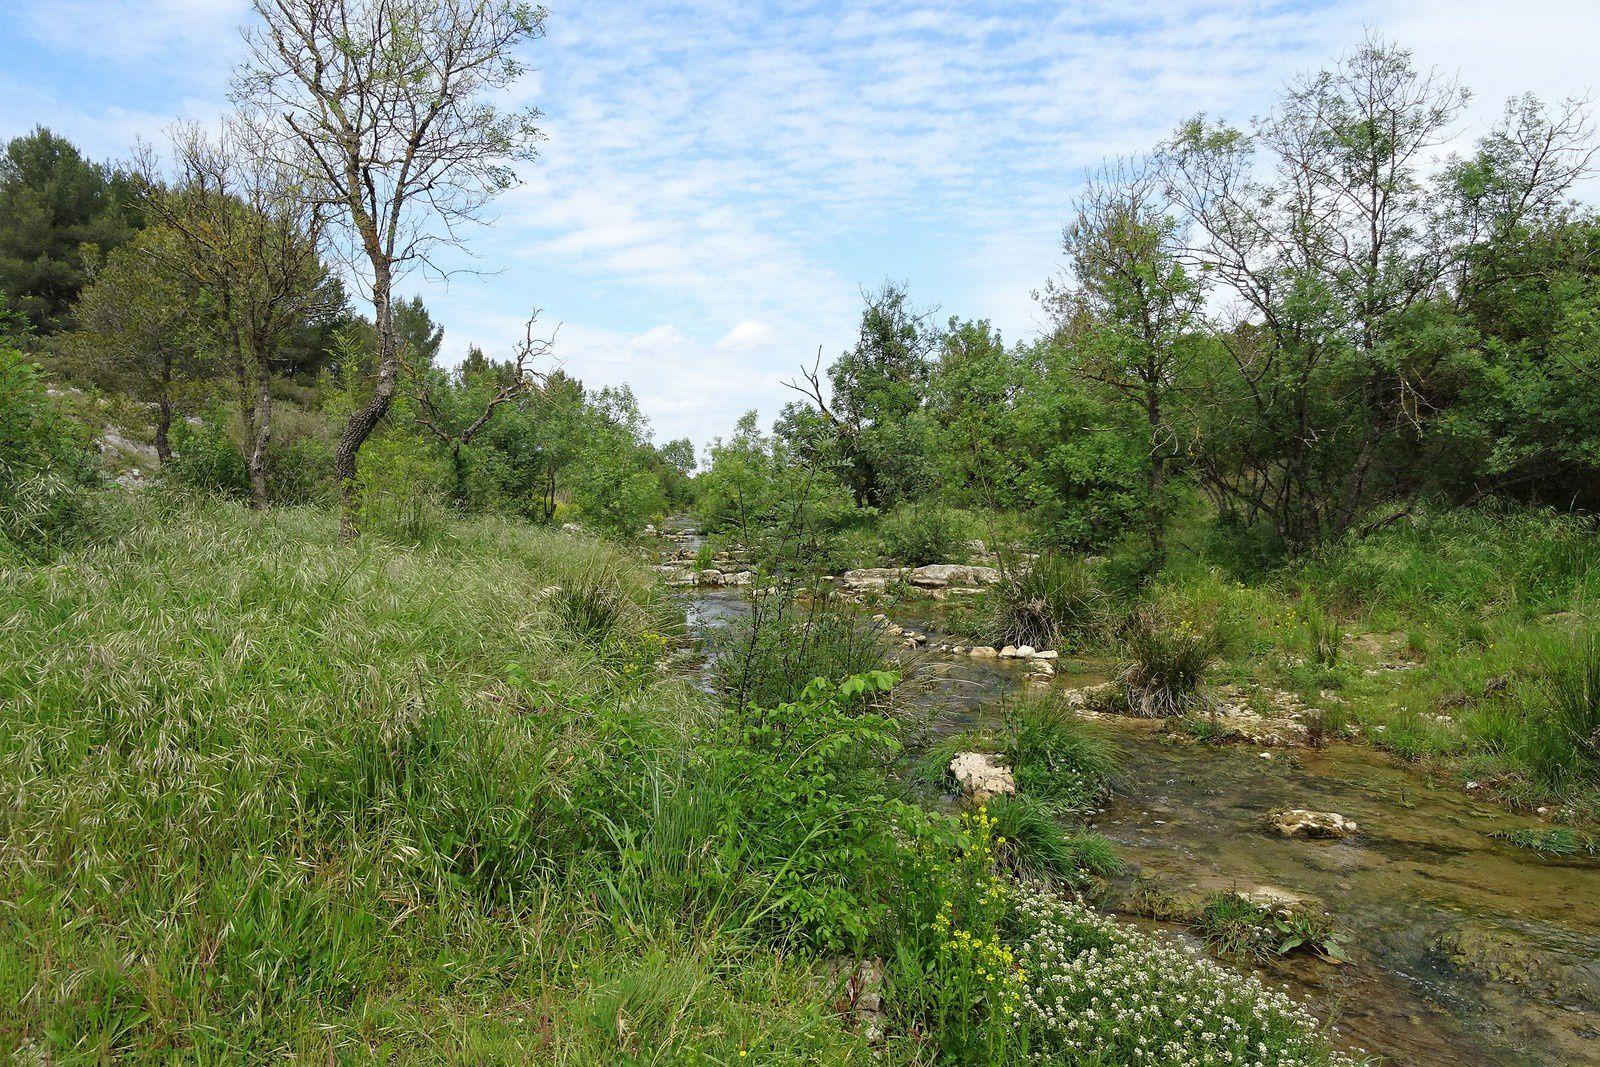 Paisible rivière dans laquelle se baignent des canards.